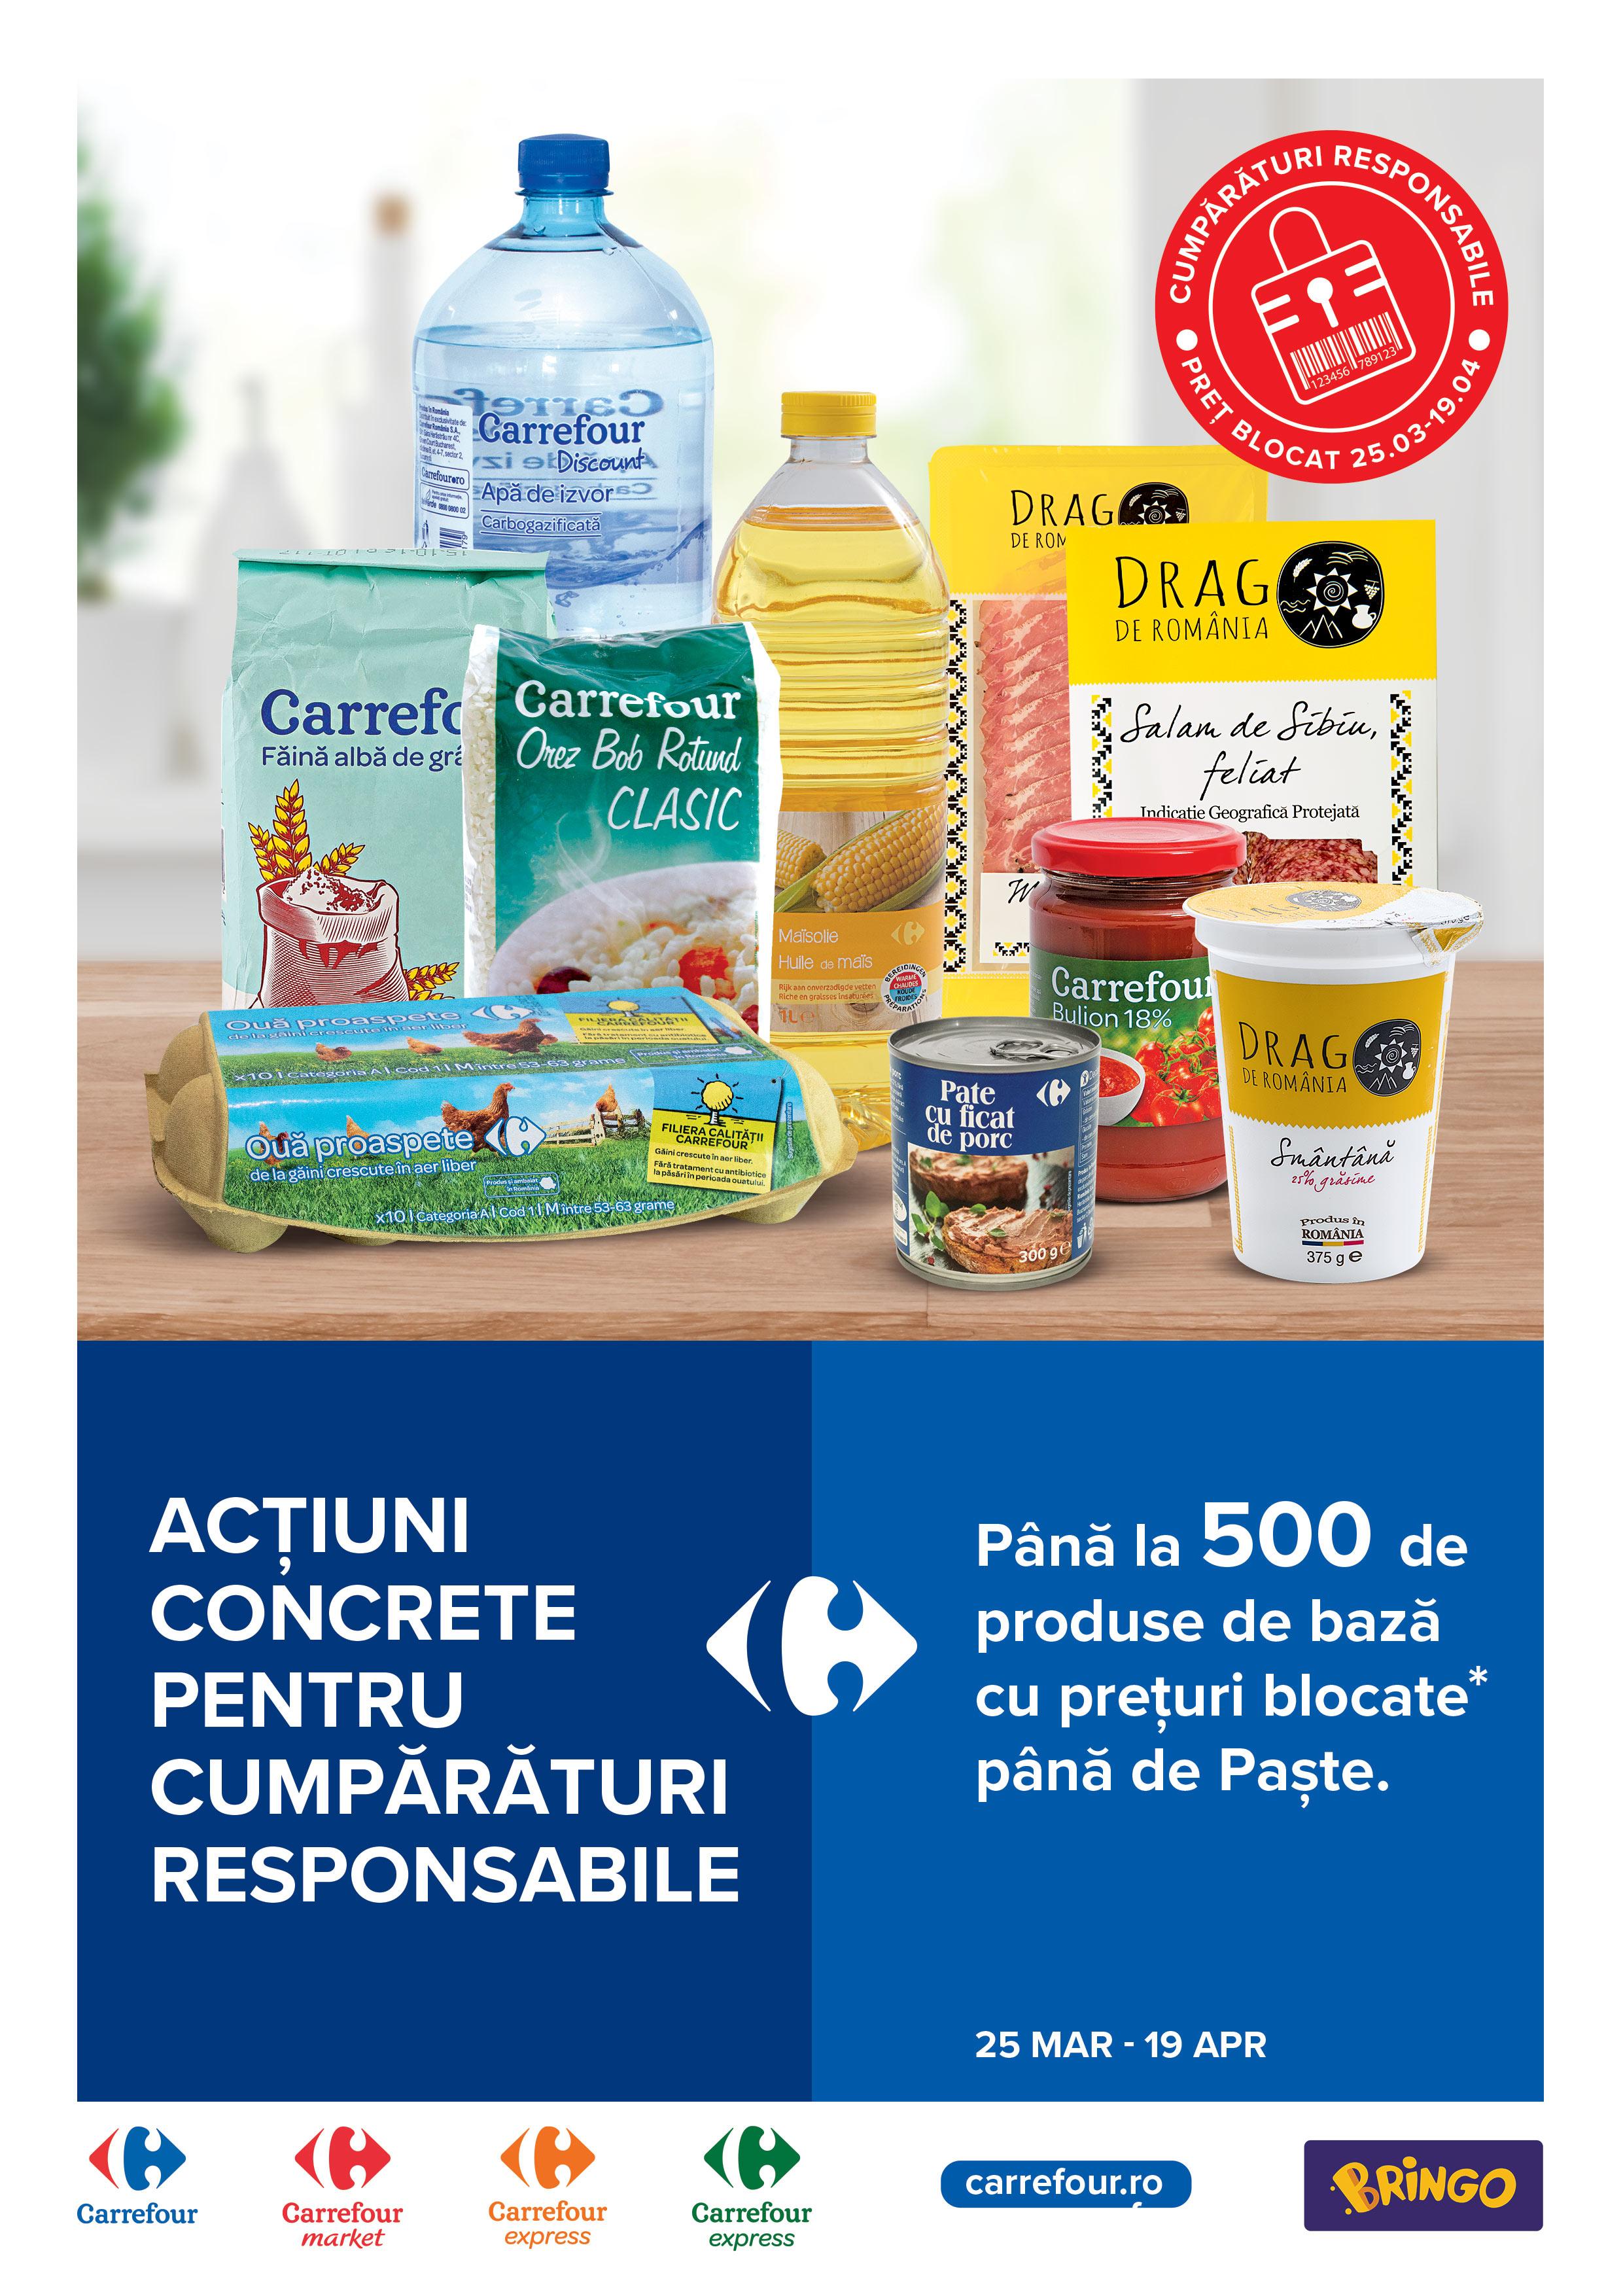 Acțiuni concrete de la Carrefour pentru cumpărături responsabile: Carrefour își ia angajamentul să țină prețurile plafonate până de Paște pentru până la 500 de produse